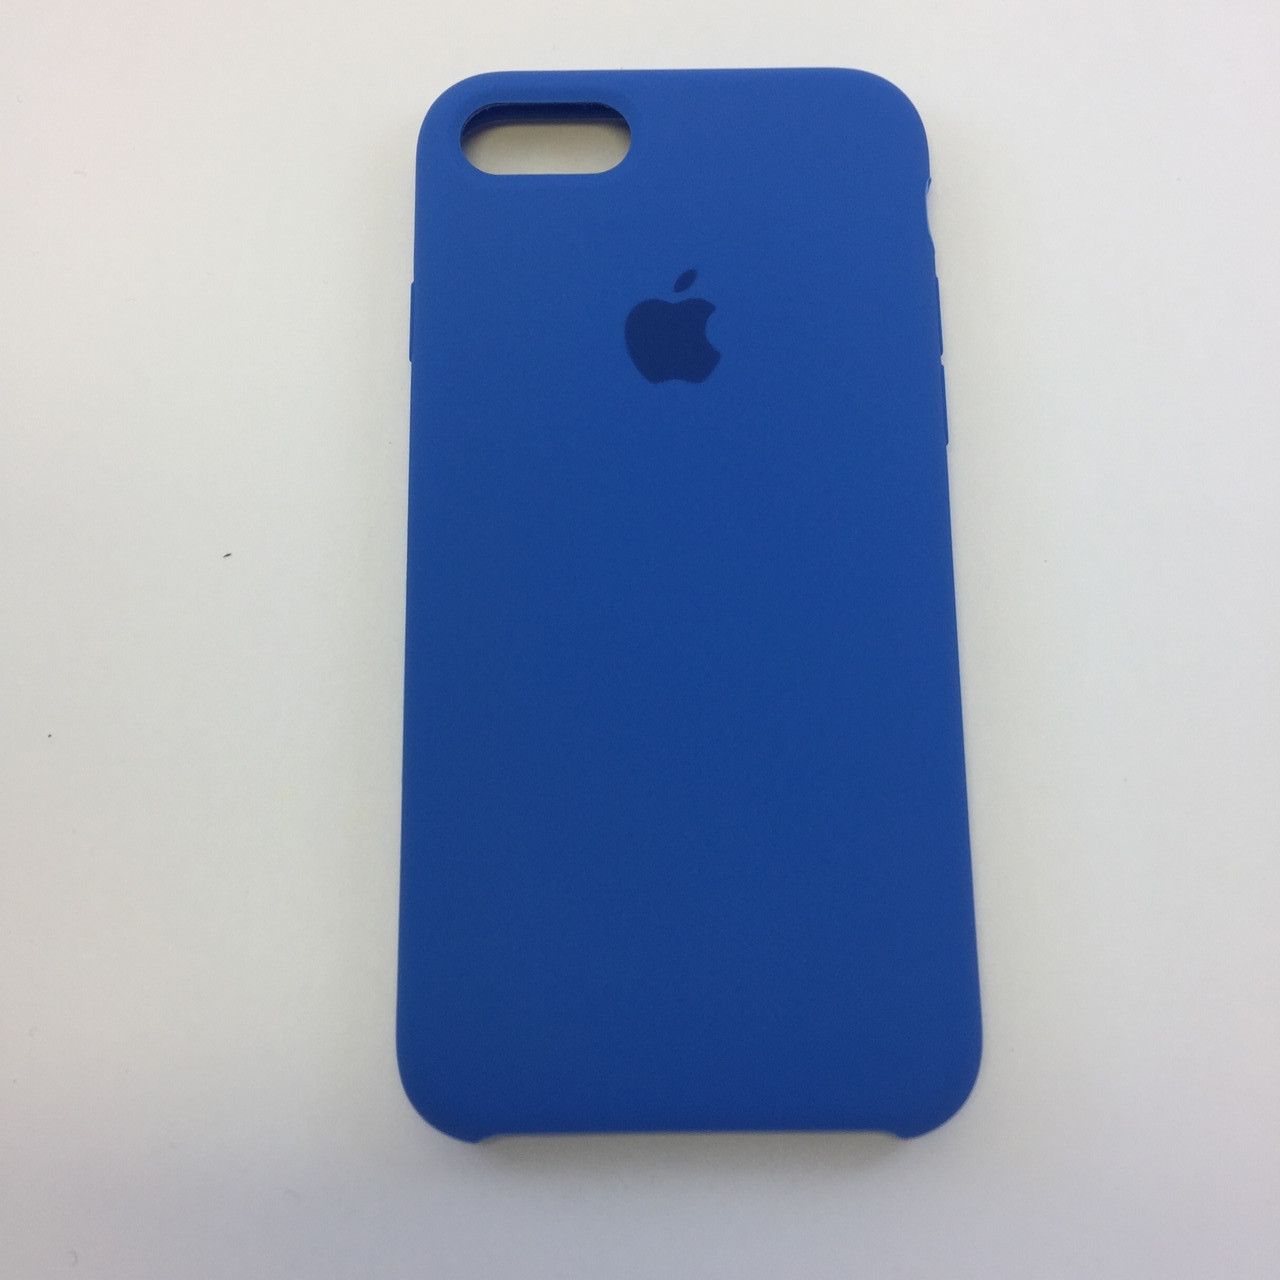 Силиконовый чехол для iPhone 8 Plus, - «небесно синий» - copy original